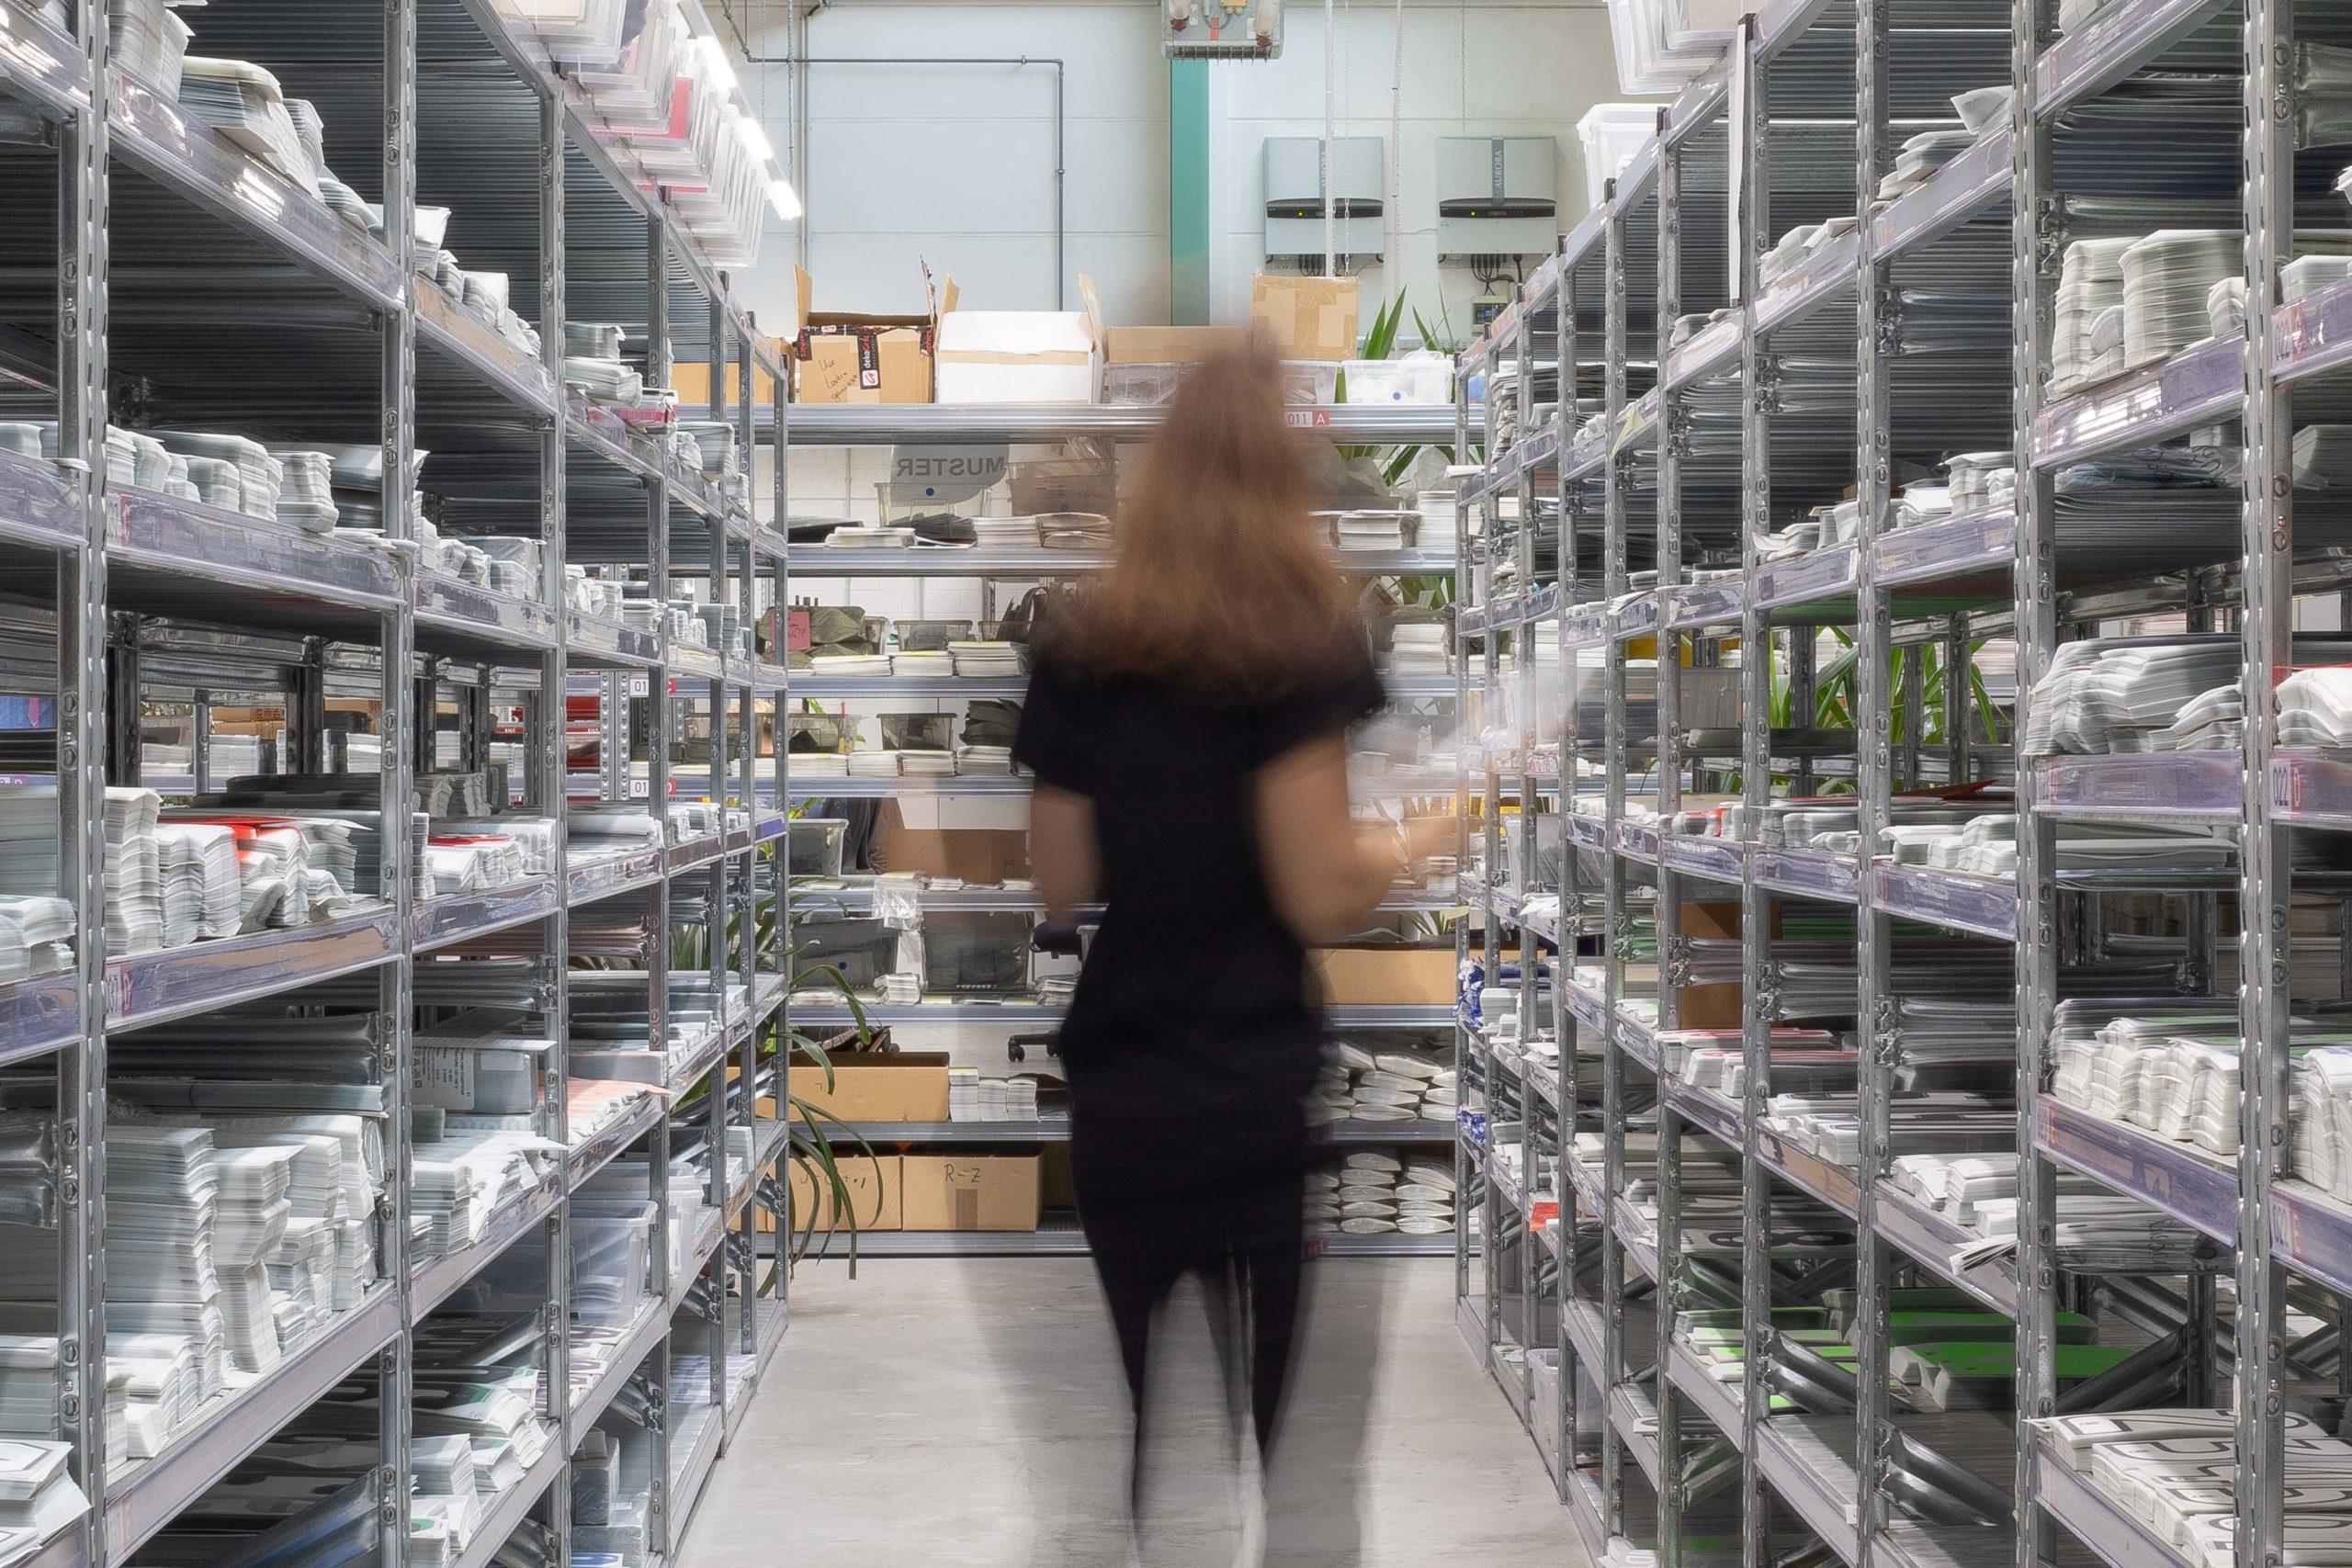 Frau im Gang einer Produktionshalle zwischen Regalen